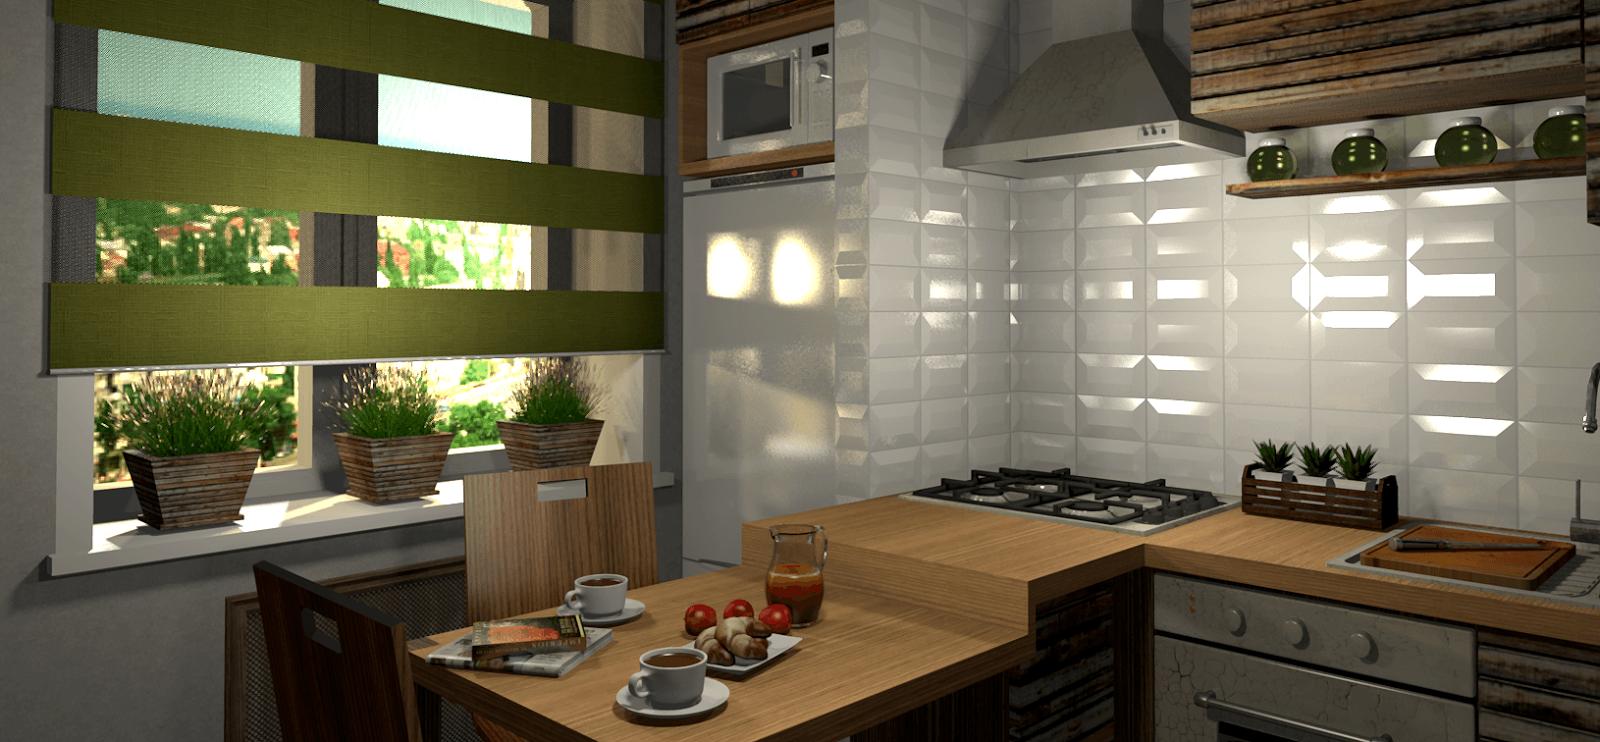 Идеи мебели для маленькой кухни фото